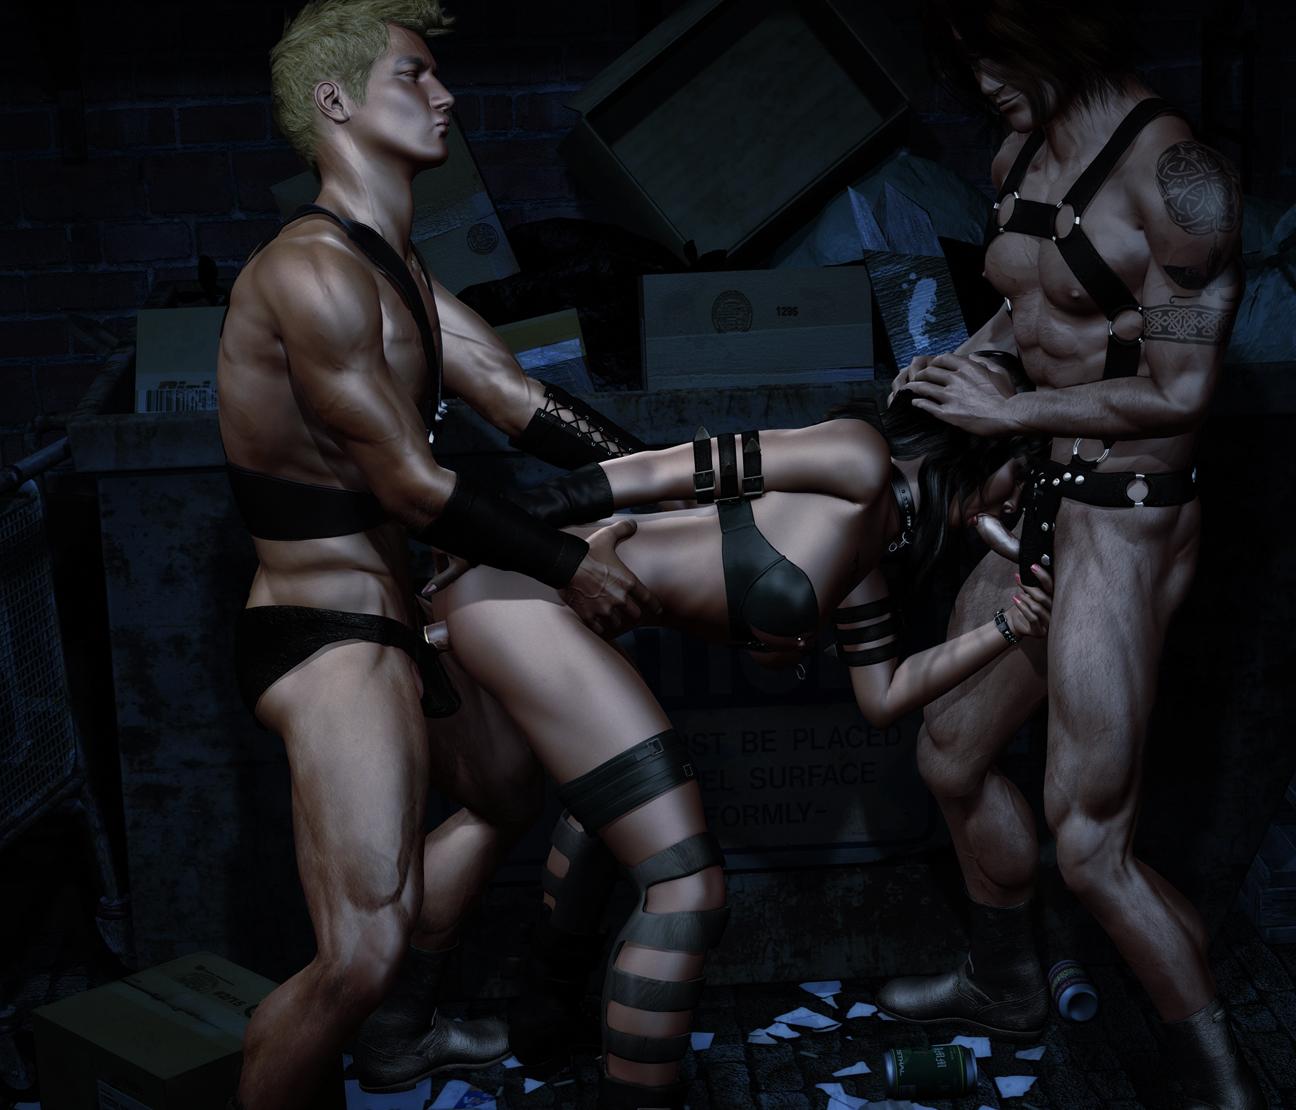 Садо мазо порно мульты в 3д 15 фотография